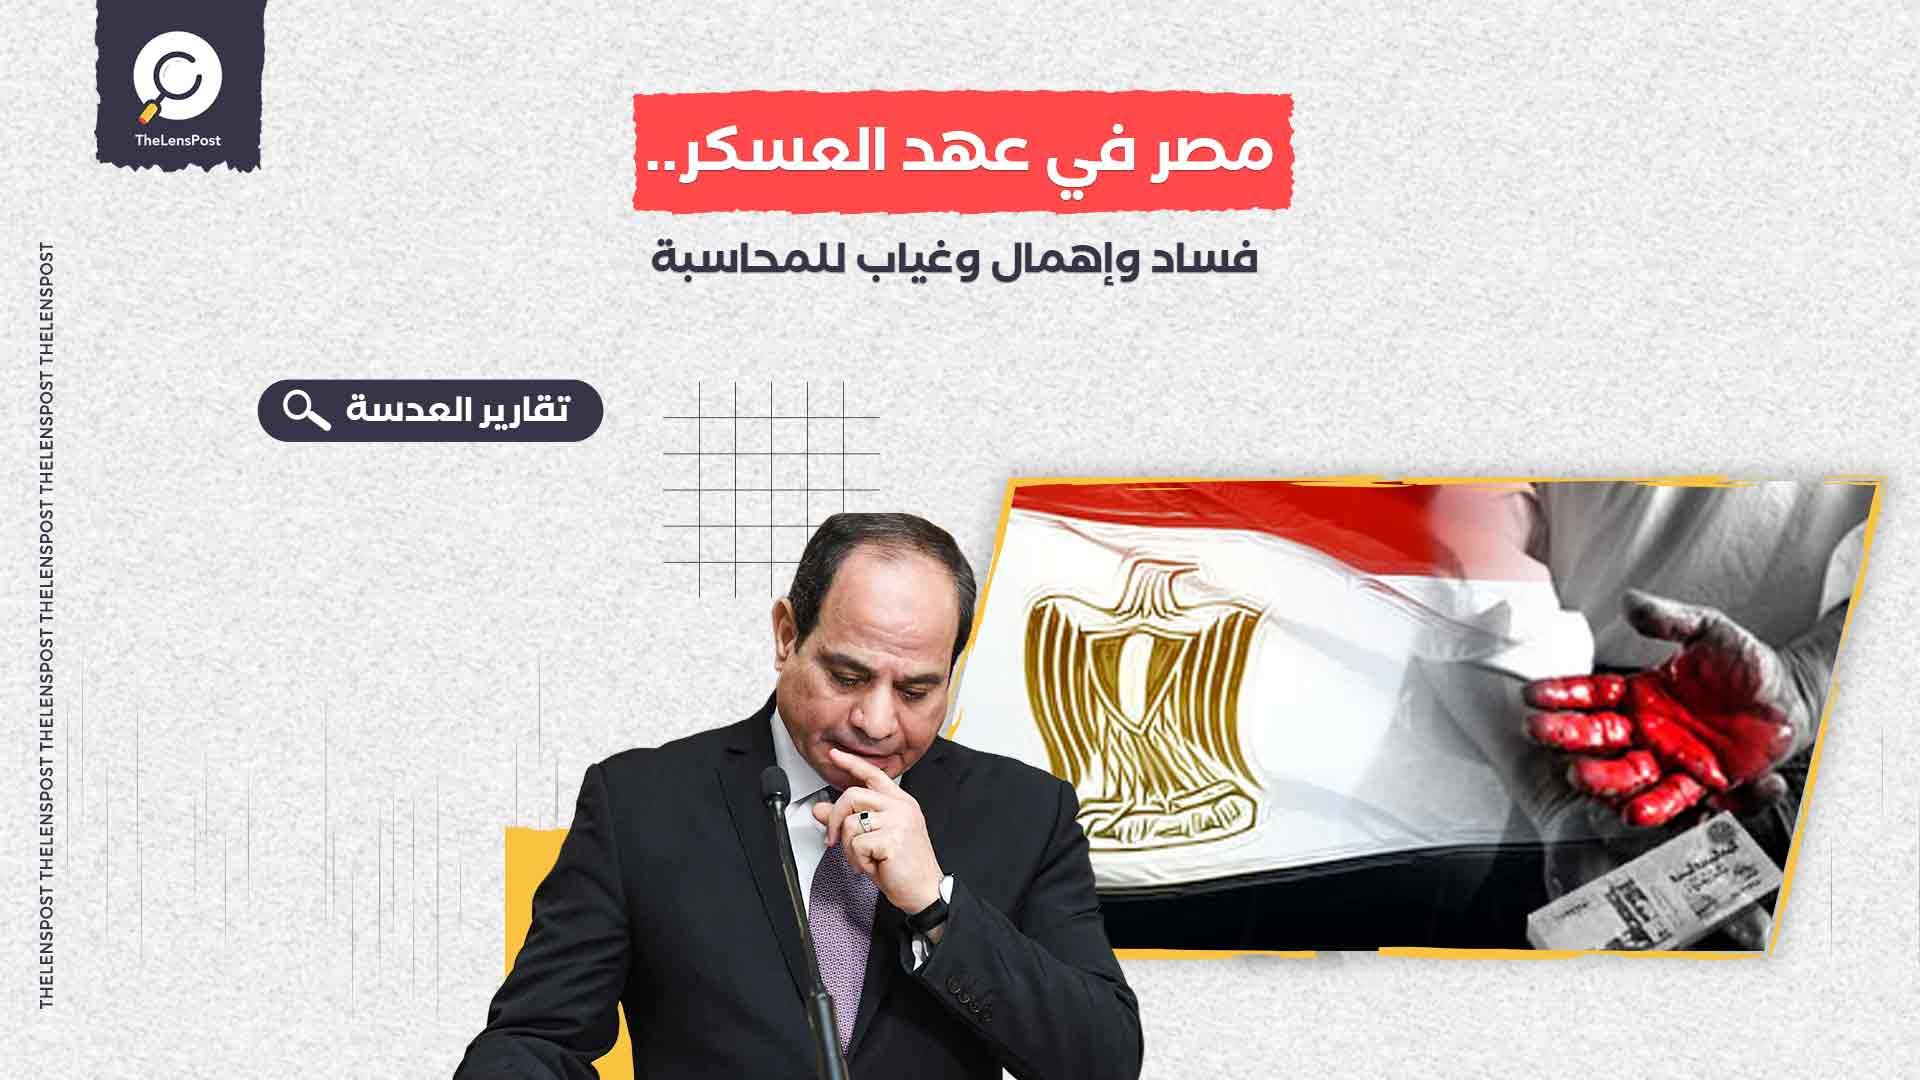 مصر في عهد العسكر.. فساد وإهمال وغياب للمحاسبة